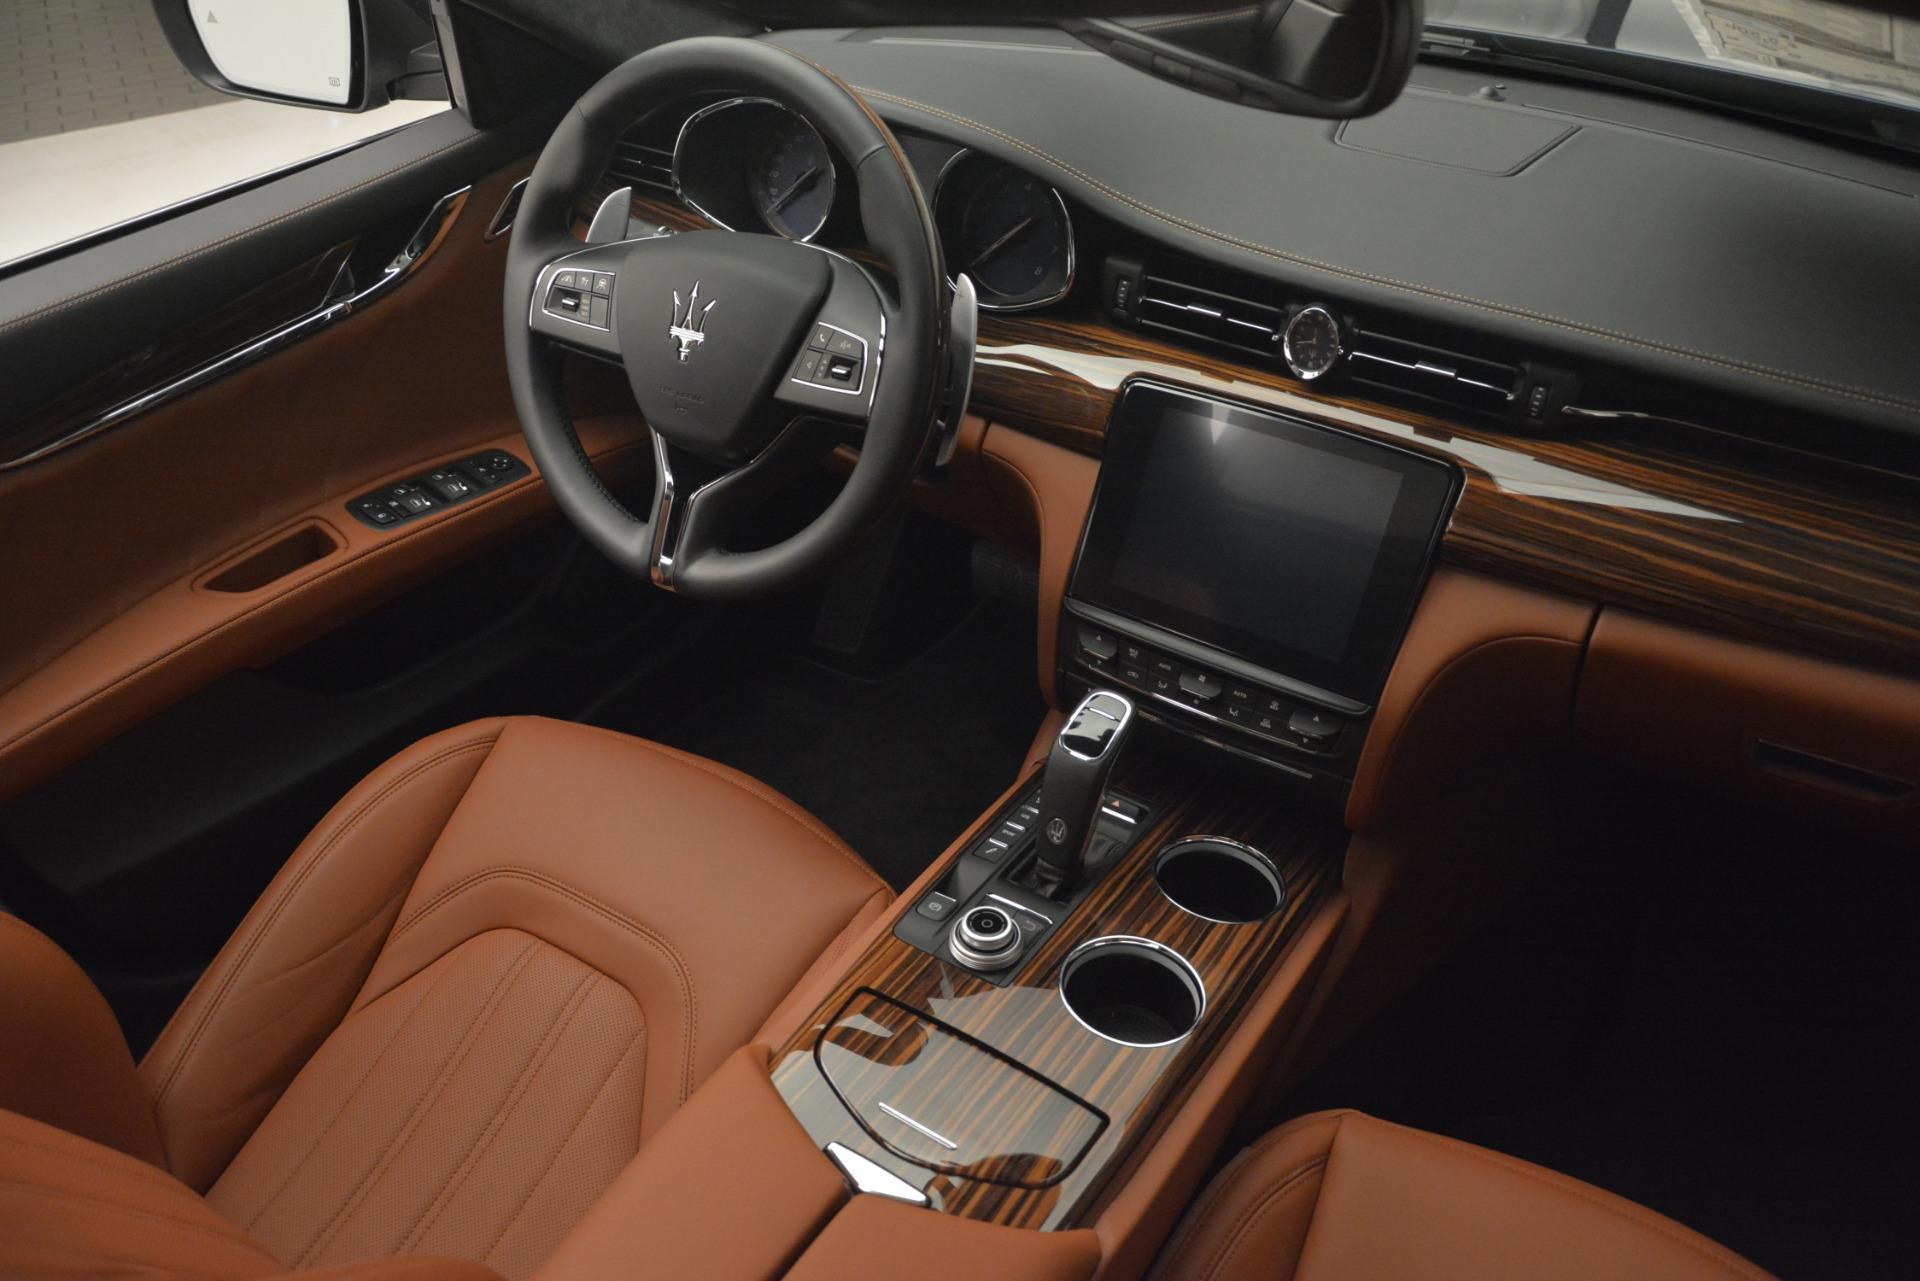 New 2019 Maserati Quattroporte S Q4 GranLusso For Sale In Westport, CT 2803_p16